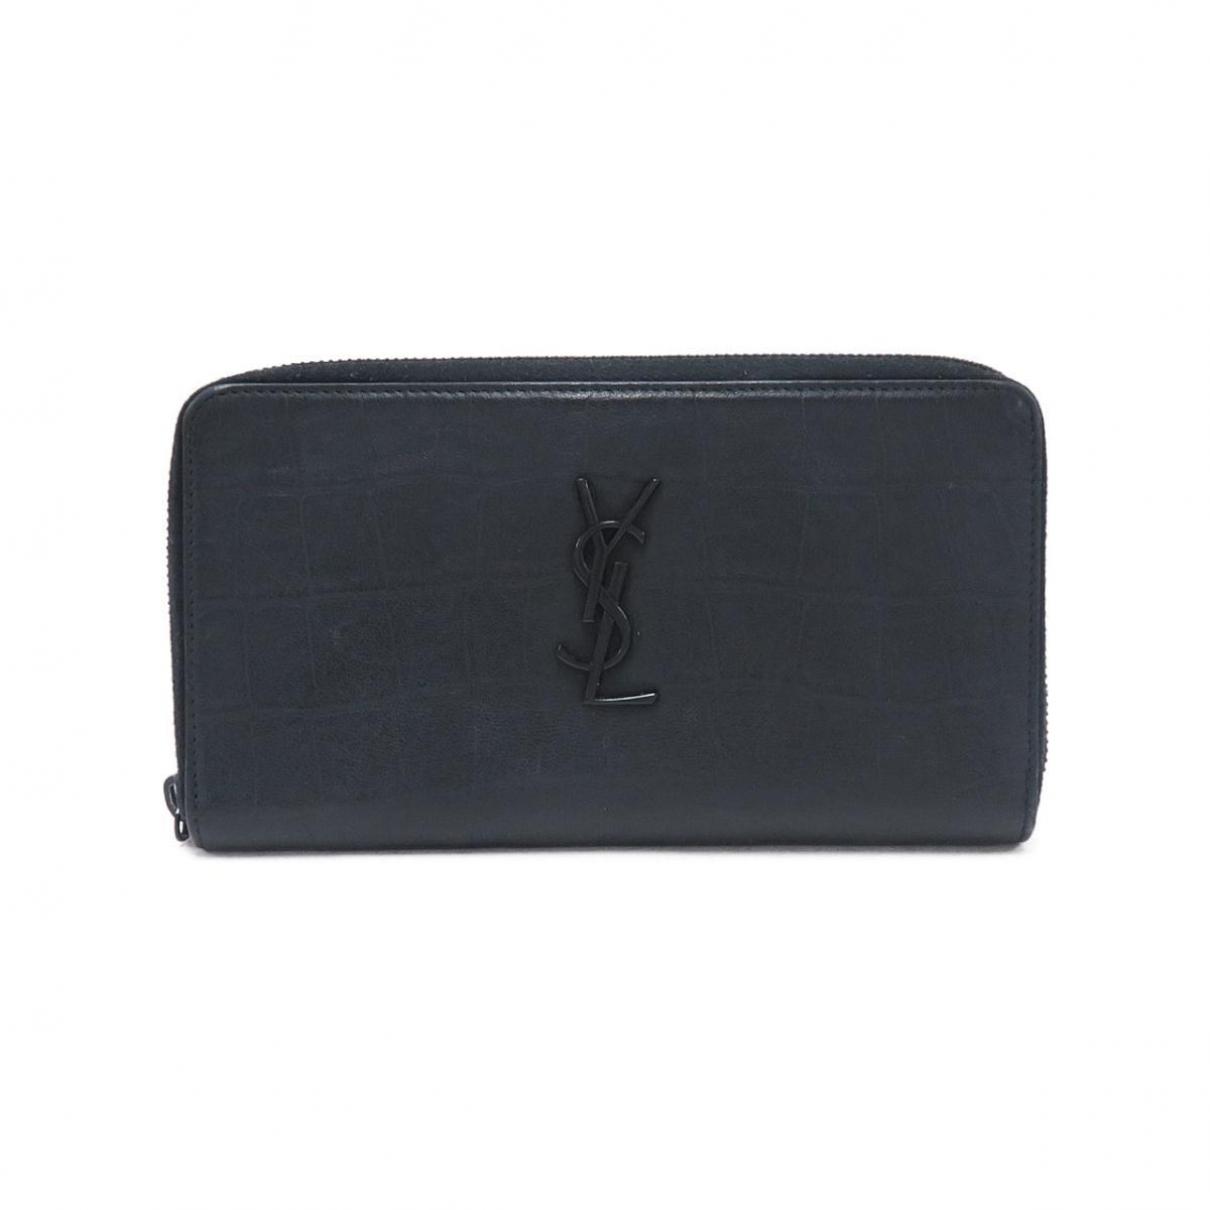 Saint Laurent Rive Gauche Black Leather wallet for Women \N